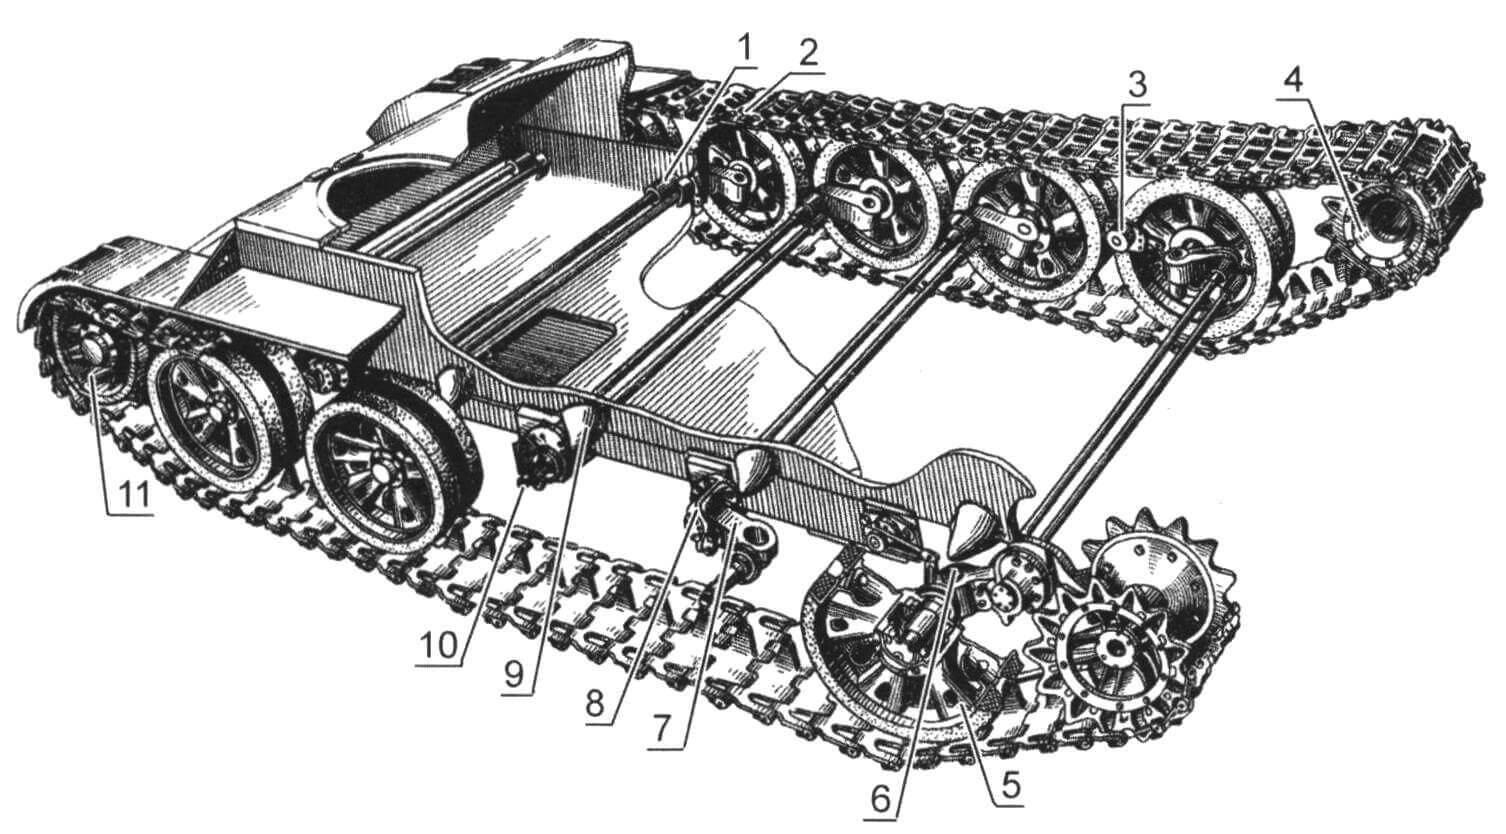 Ходовая часть Т-62М: 1 - кронштейн балансира; 2 - гусеница; 3 - амортизатор; 4 - ведущее колесо; 5 - опорный каток; 6 - буфер; 7 - балансир; 8 - опора балансира; 9 - упор; 10 - торсионный вал; 11 - направляющее колесо